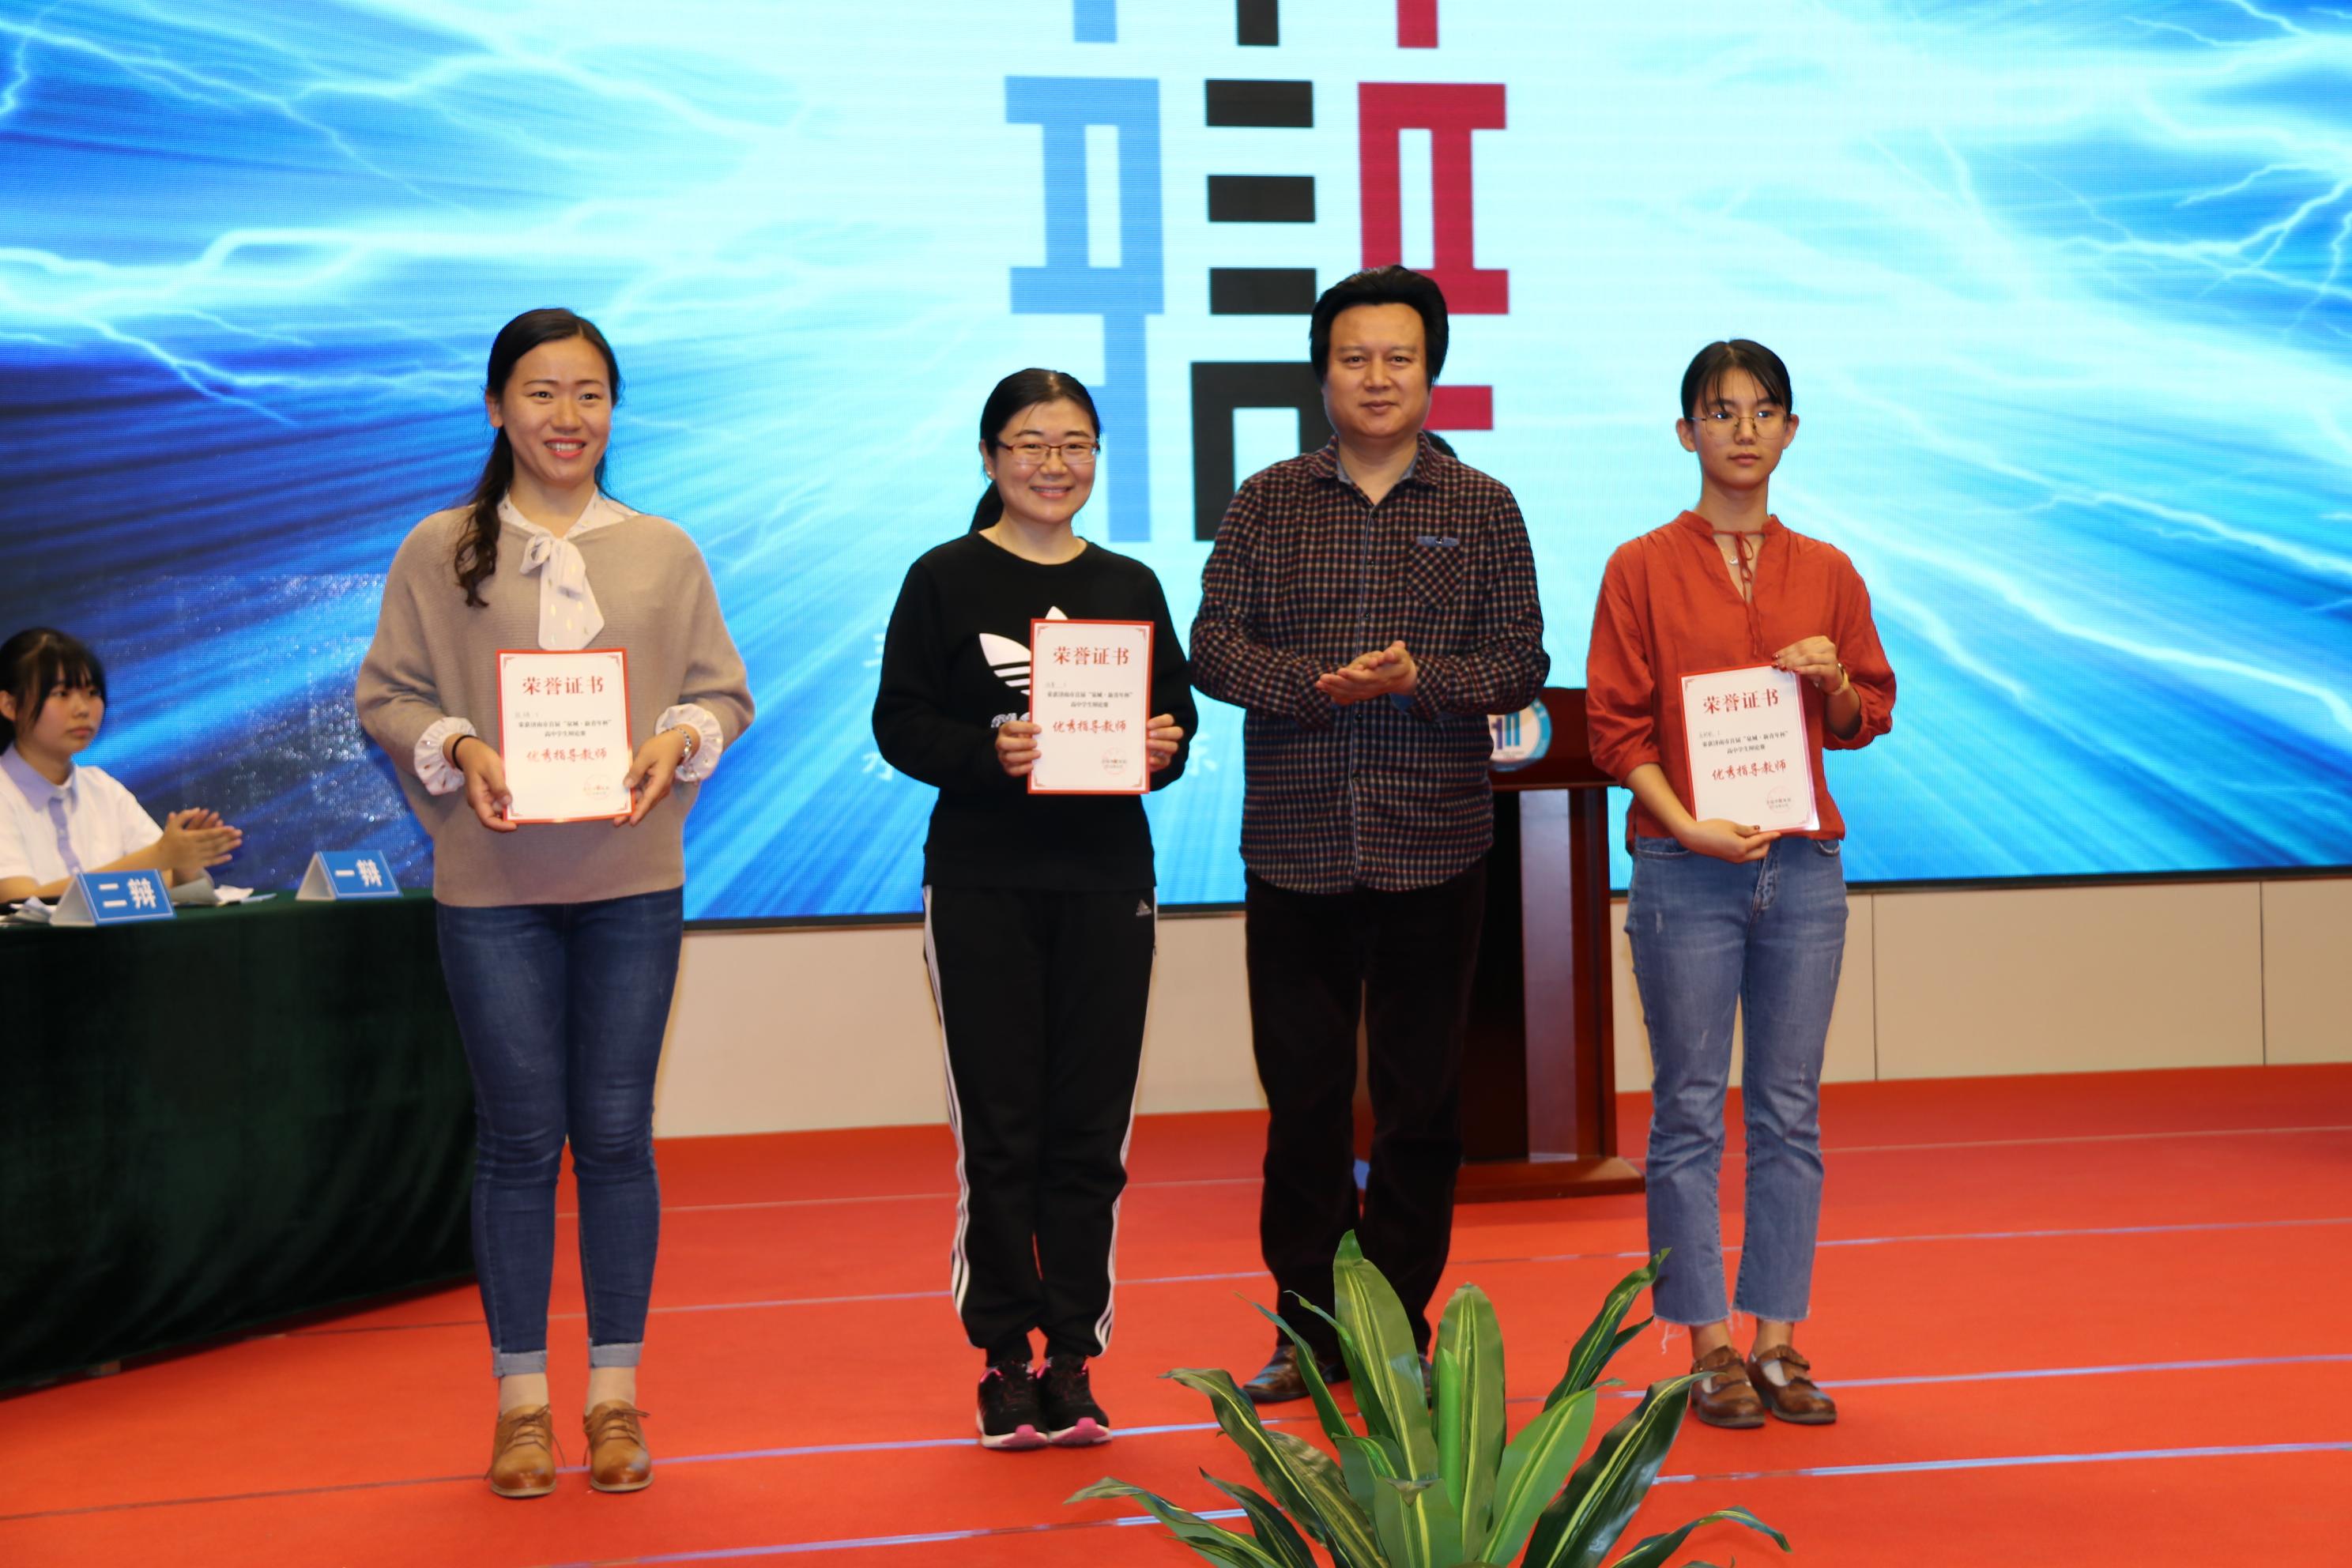 唇枪舌战!济南市首届高中生辩论赛a首届举办苏州市高中战对市长沙高杯图片